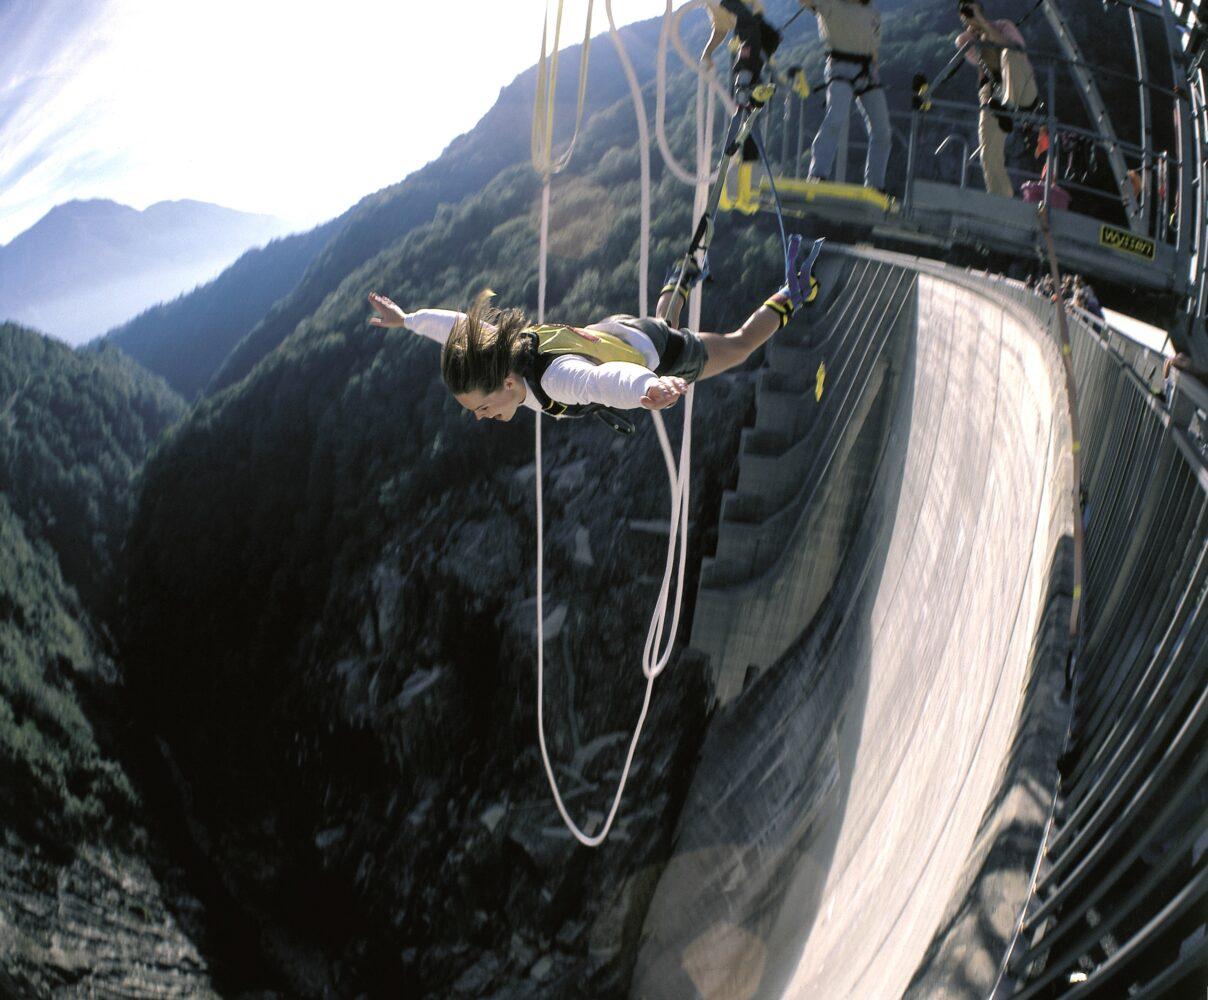 """Wie Pierce Brosnan als James Bond im Film """"GoldenEye"""" stürzen sich Hartgesottene beim Bungee-Jumping die 220 Meter hohe Staumauer im Tessiner Verzascatal hinunter. Bildnachweis: Switzerland Tourism/Foto Christof Sonderegger"""